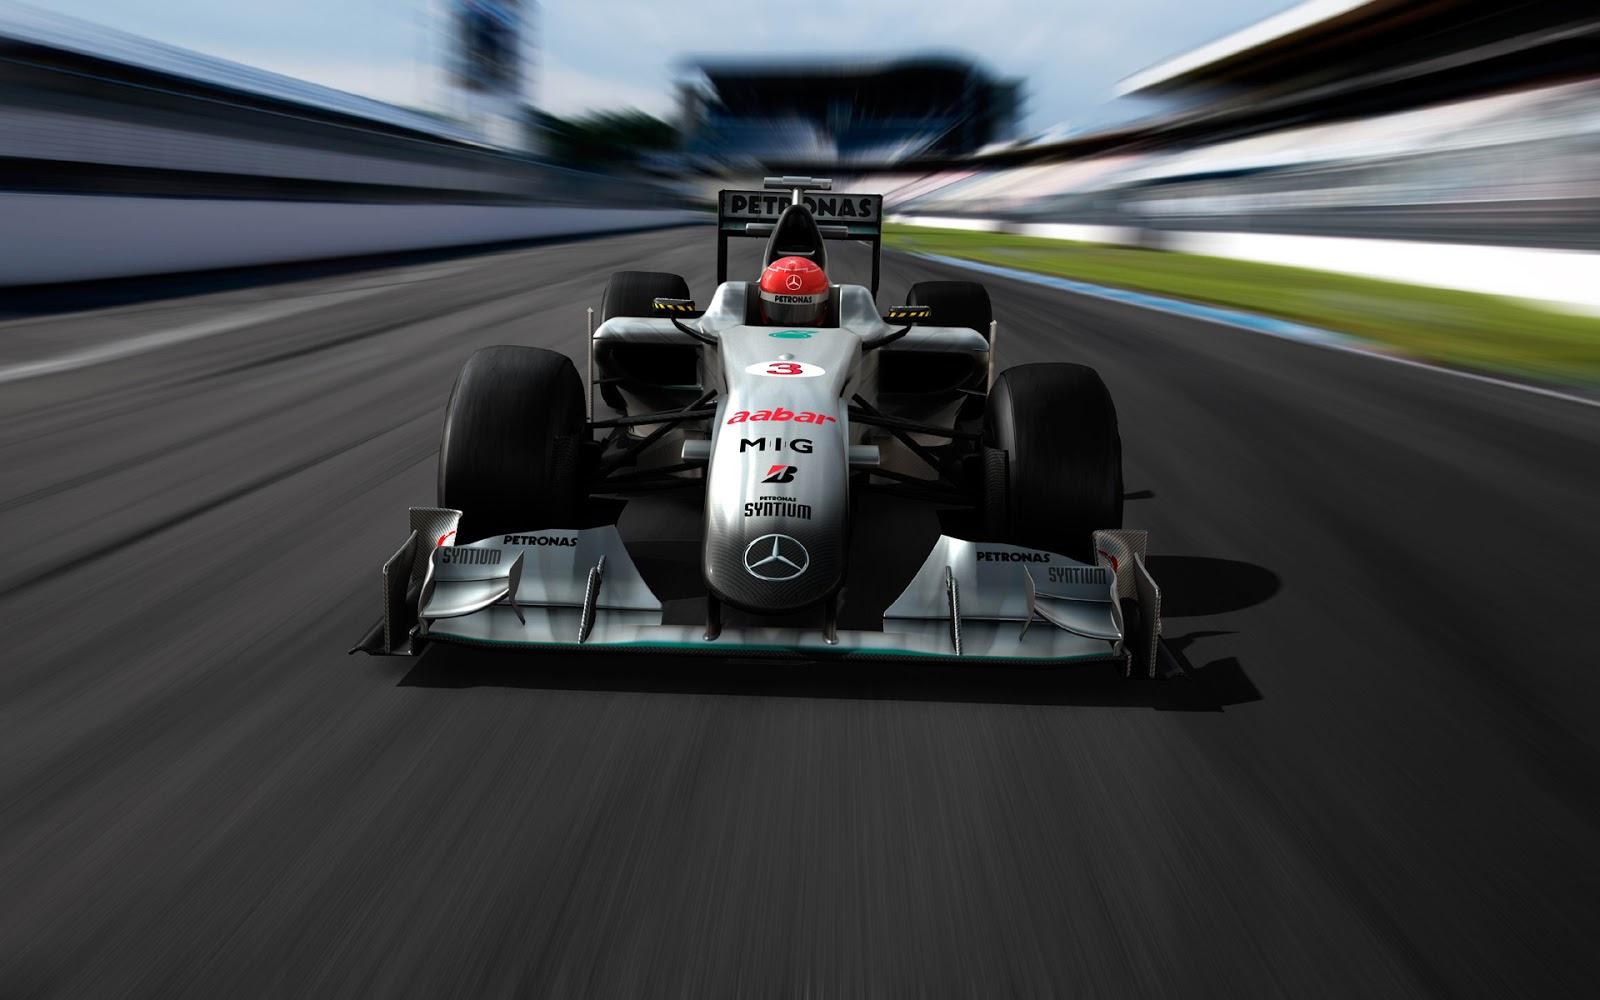 http://4.bp.blogspot.com/-XRTVNMxQNZo/UKFGSmeKwjI/AAAAAAAAC54/tauDe0Xgzy8/s1600/2012-11-12-Formula-One-Wallpapers-08-(carwalls.blogspot.com).jpg